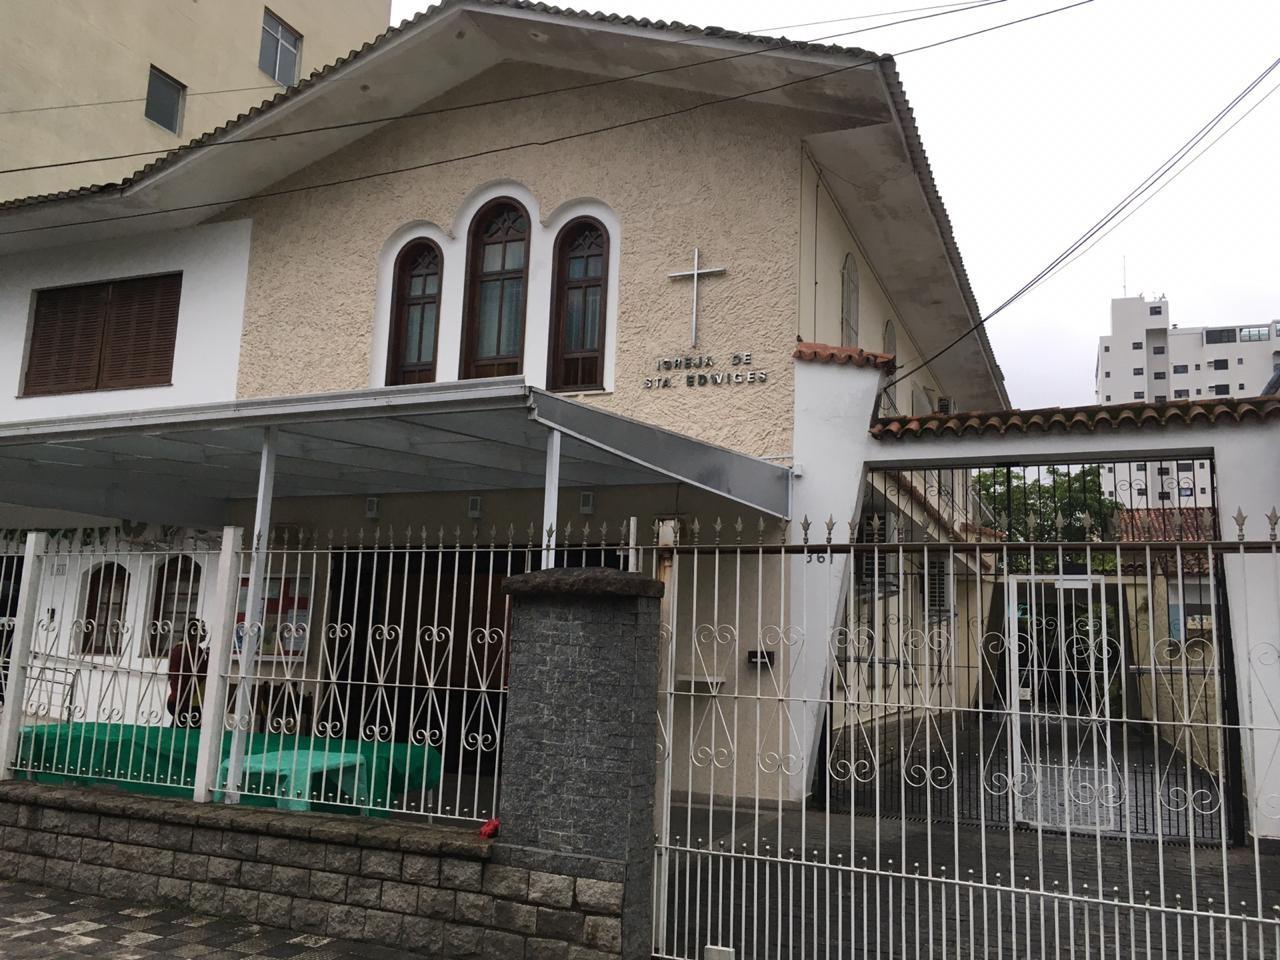 Capela em Santos celebra Dia de Santa Edwiges com missas e procissão - Notícias - Plantão Diário